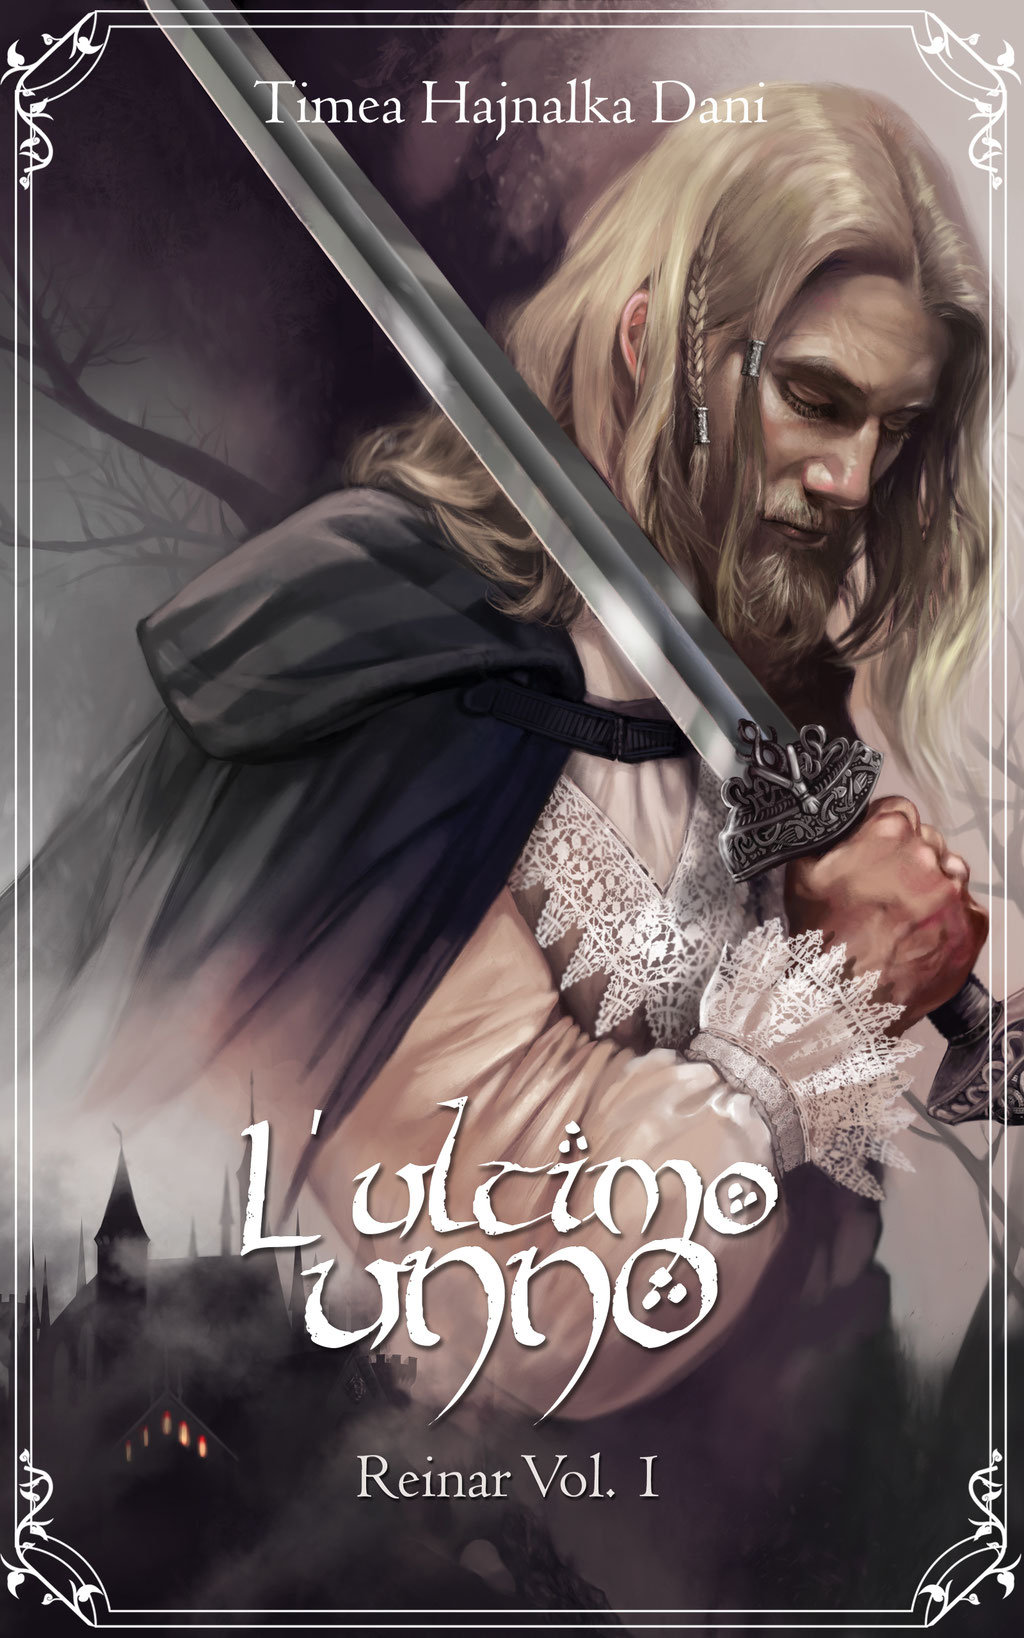 L'ULTIMO UNNO by Timea Hajnalka Dani